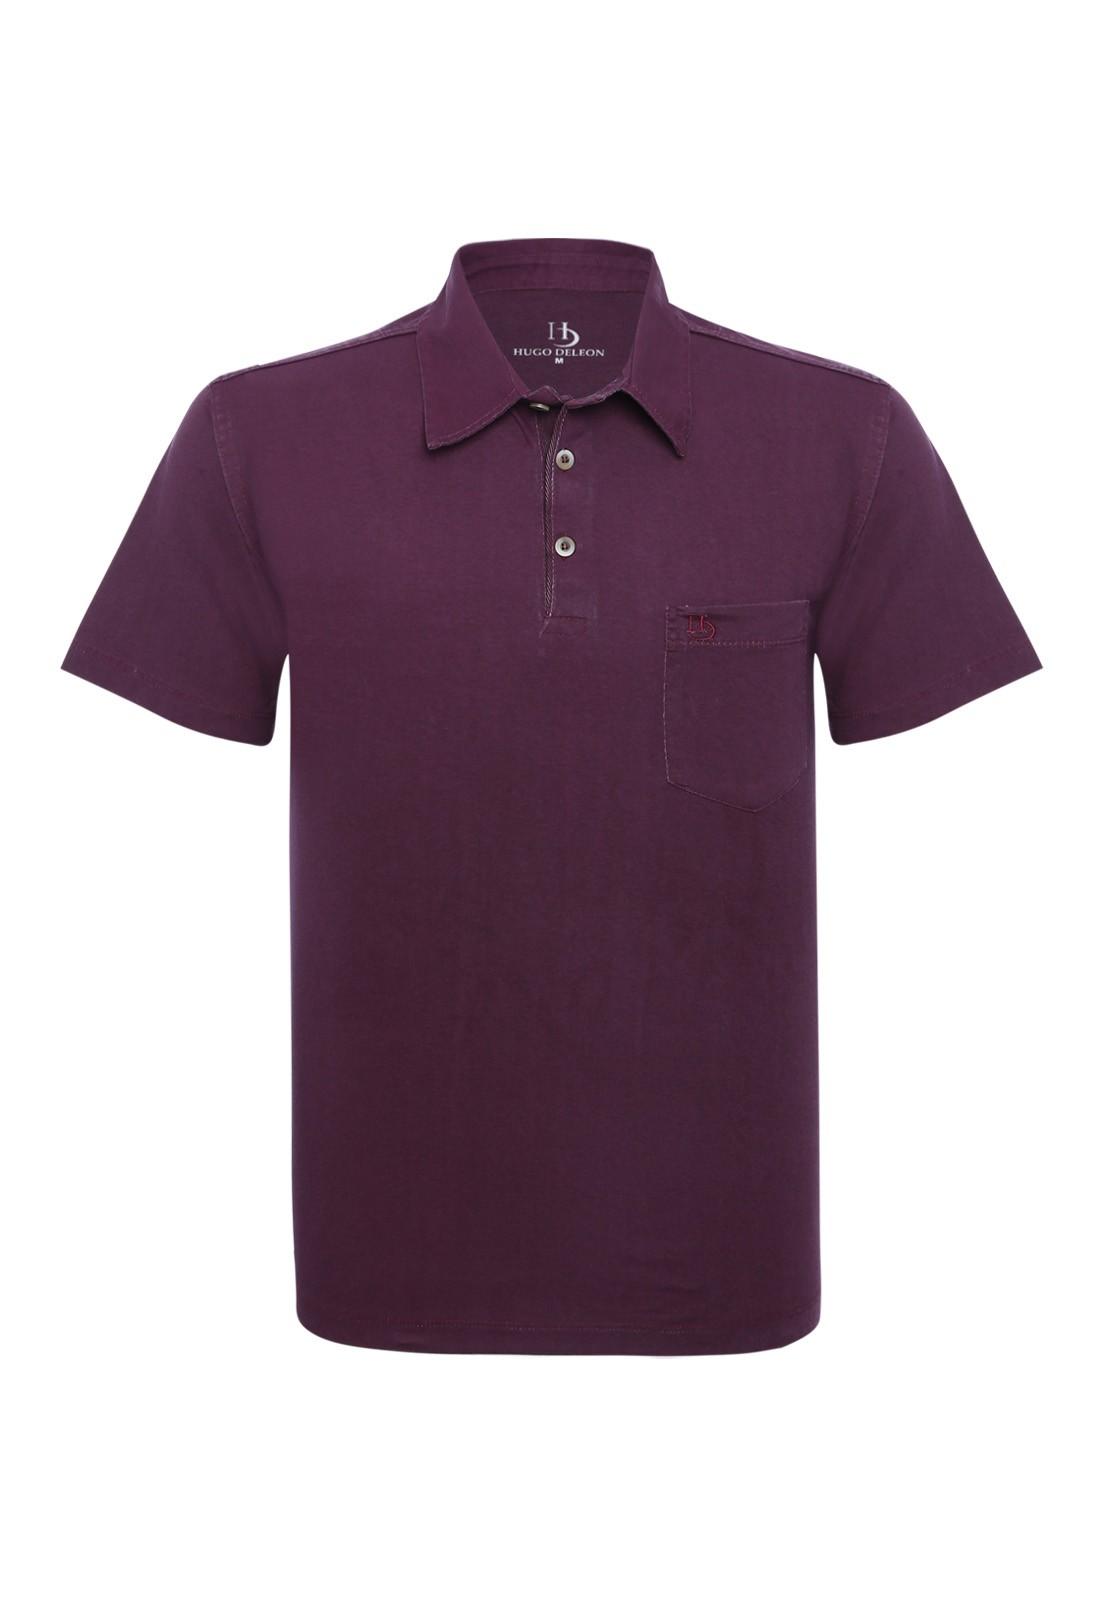 Camisa Polo Hugo Deleon Bolso Confort Sarja Vinho